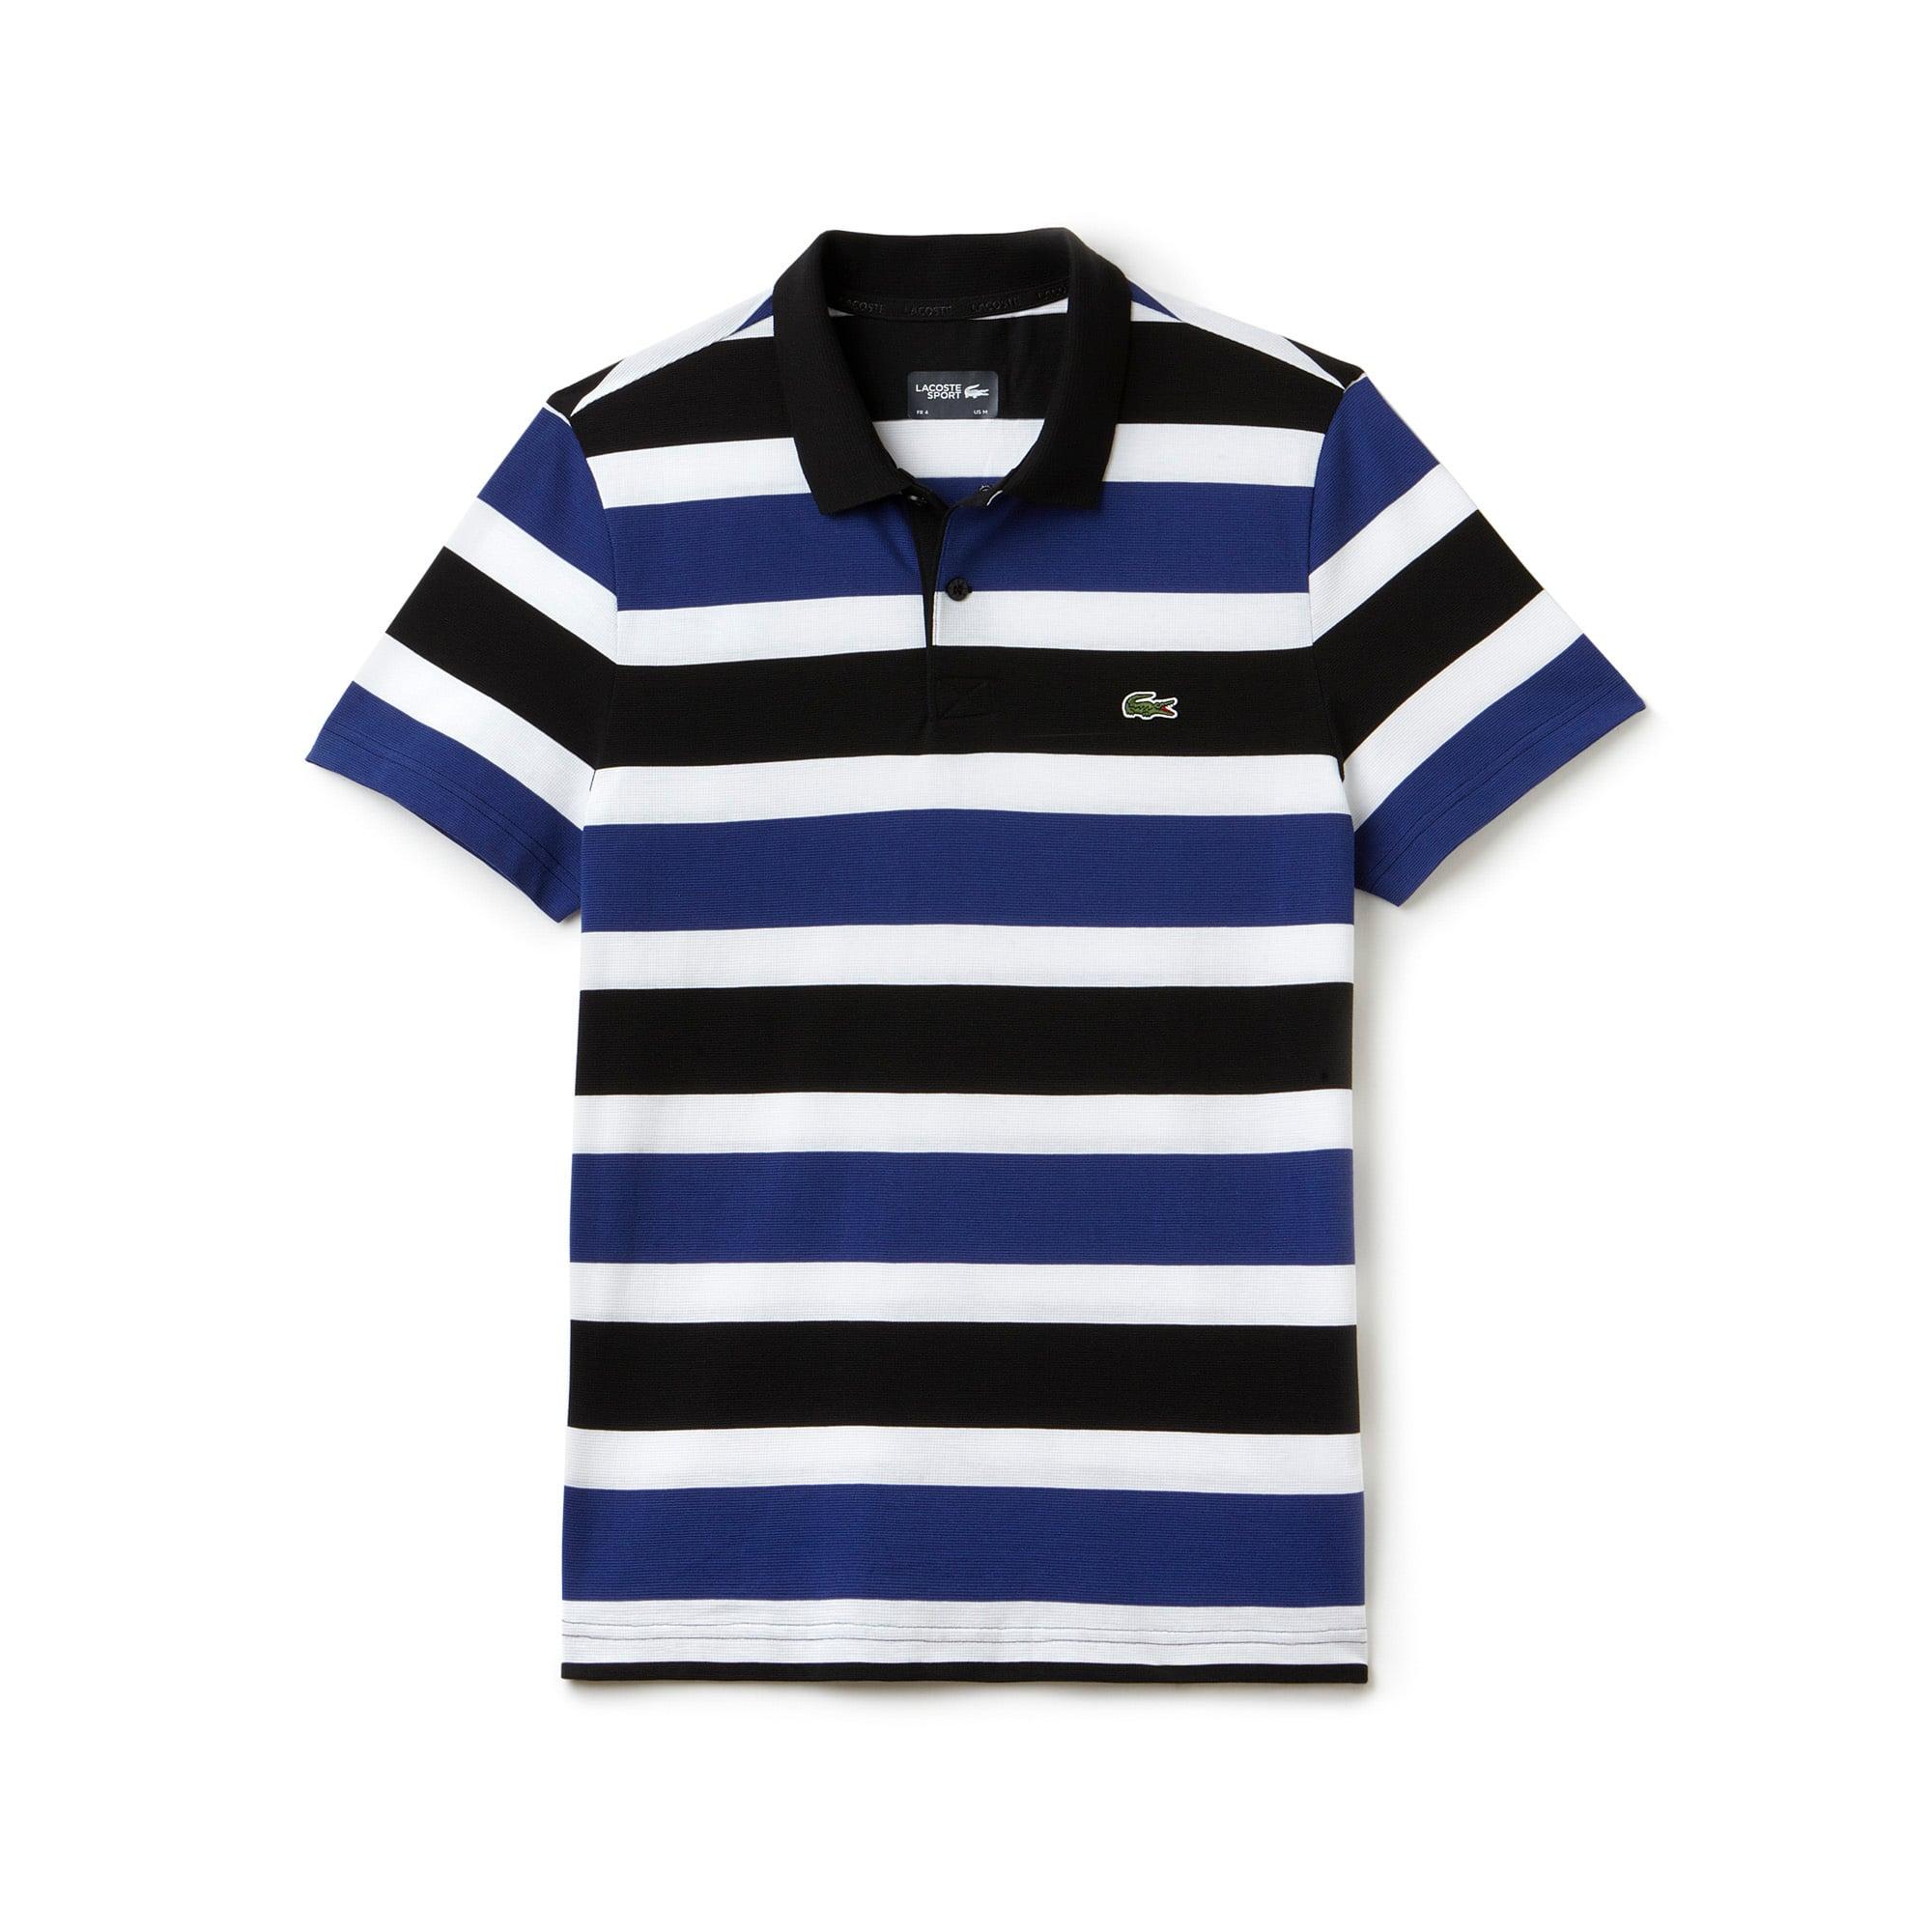 قميص بولو مُقلَّم محبوك من نسيج شديد الخفة من مجموعة Lacoste SPORT Tennis للرجال.